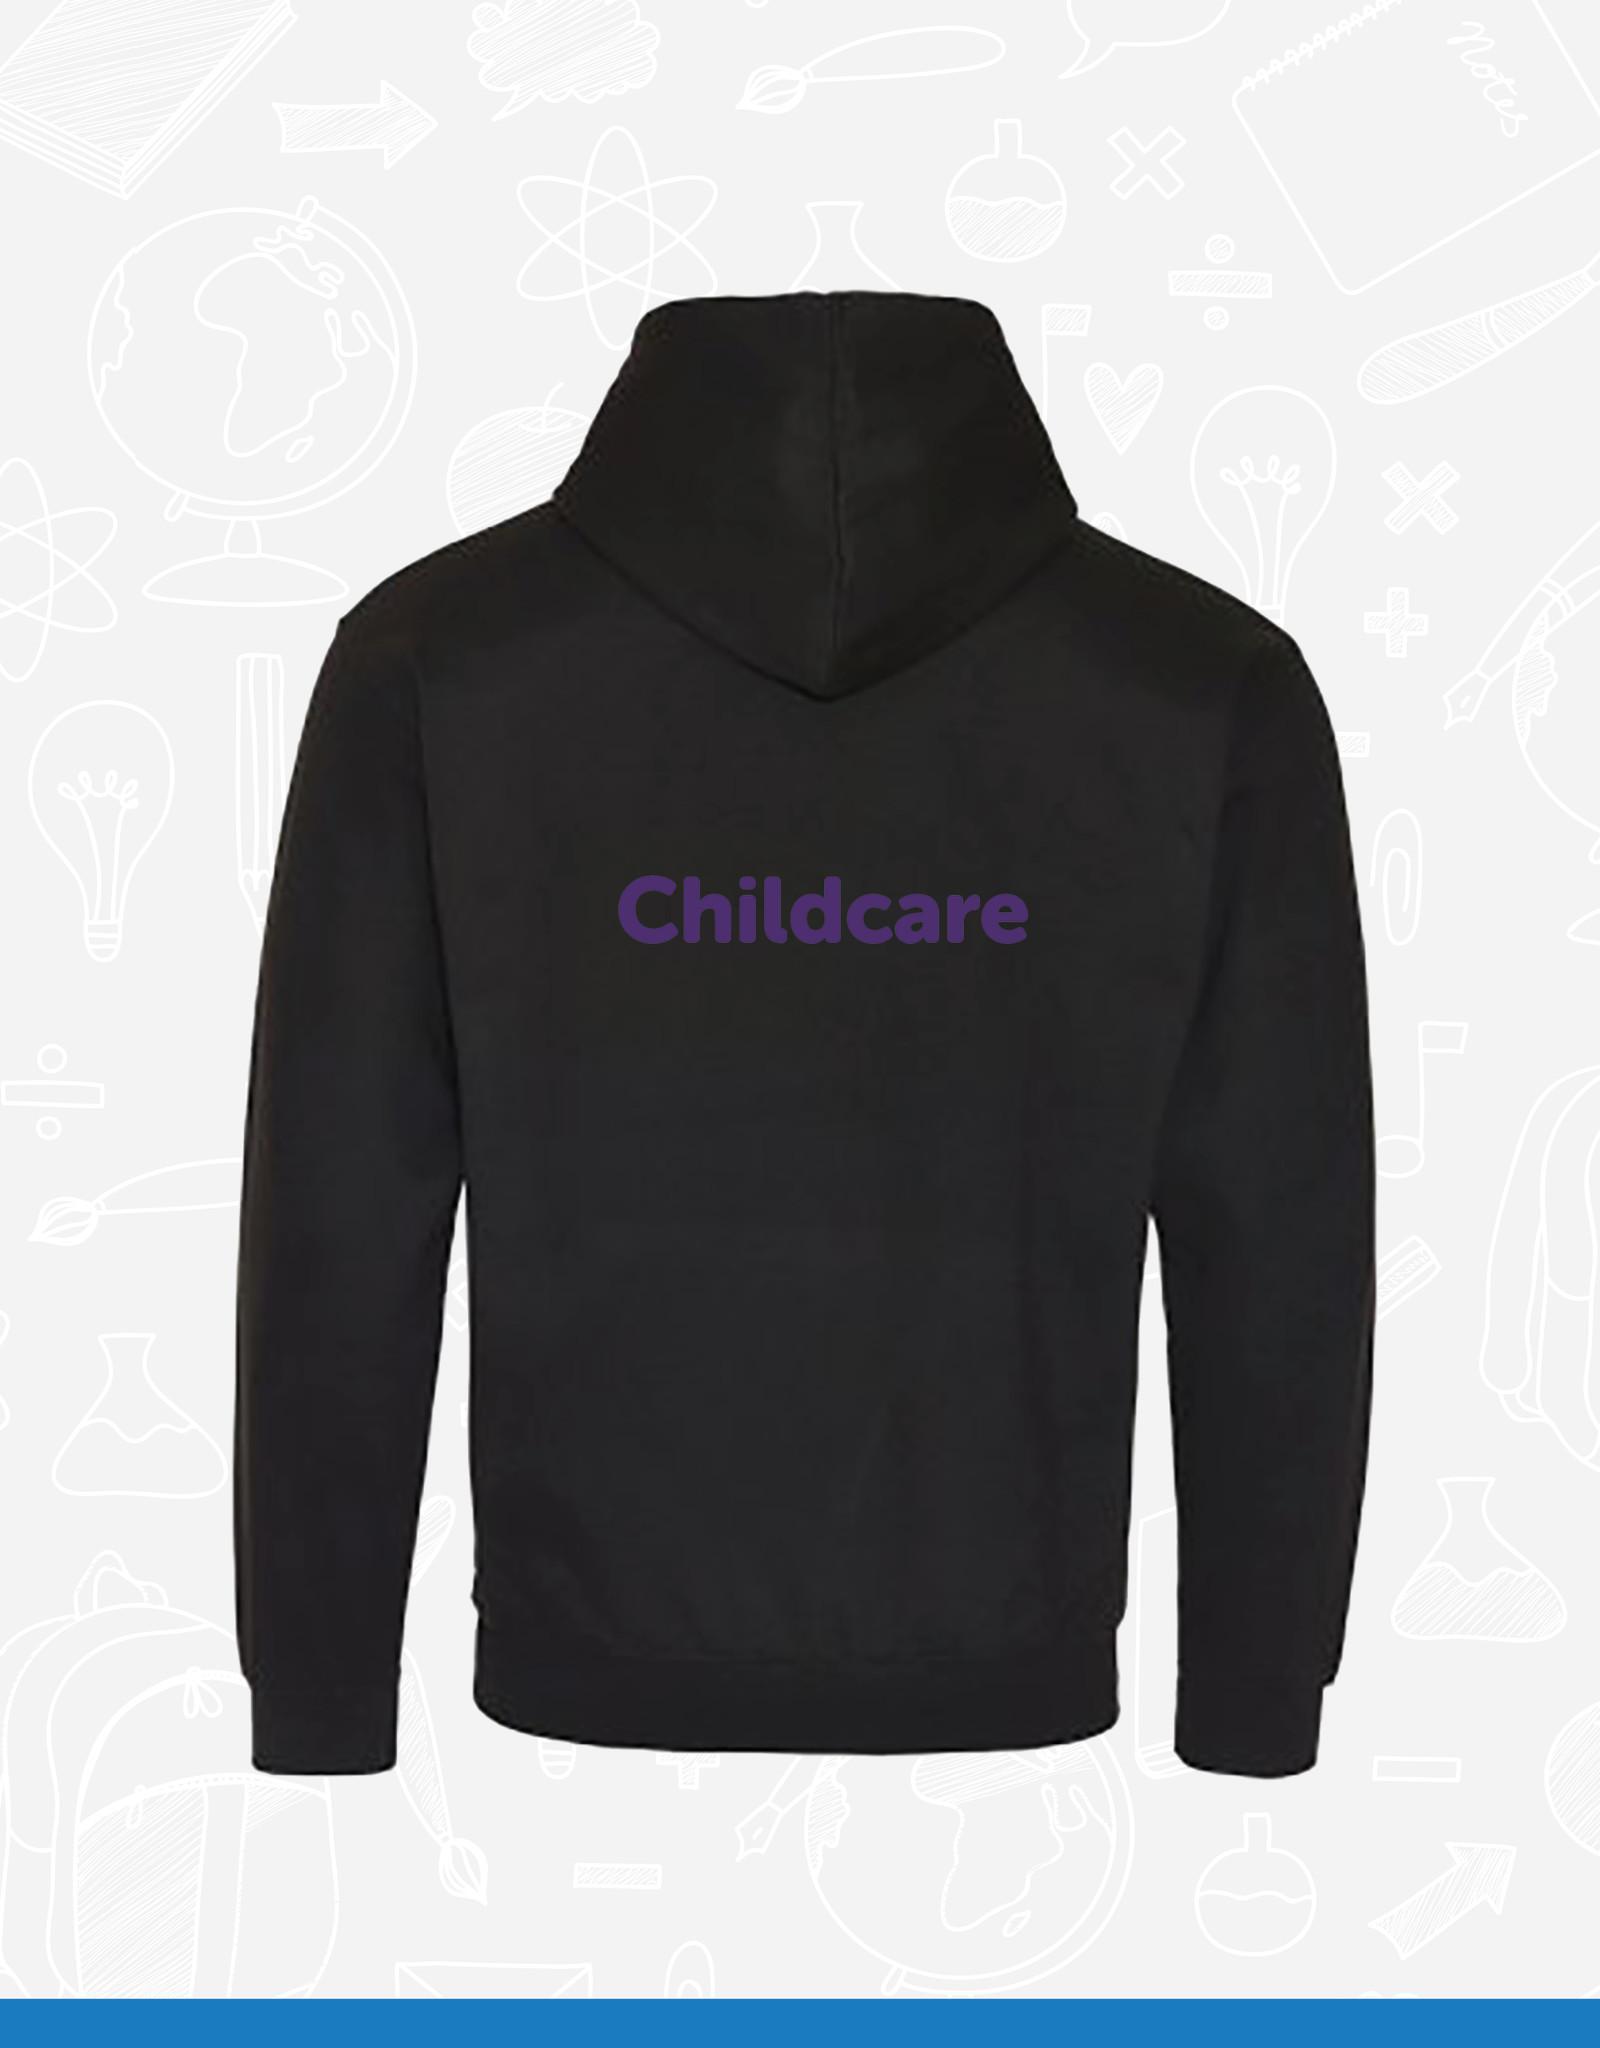 AWDis SERC Childcare (JH003)